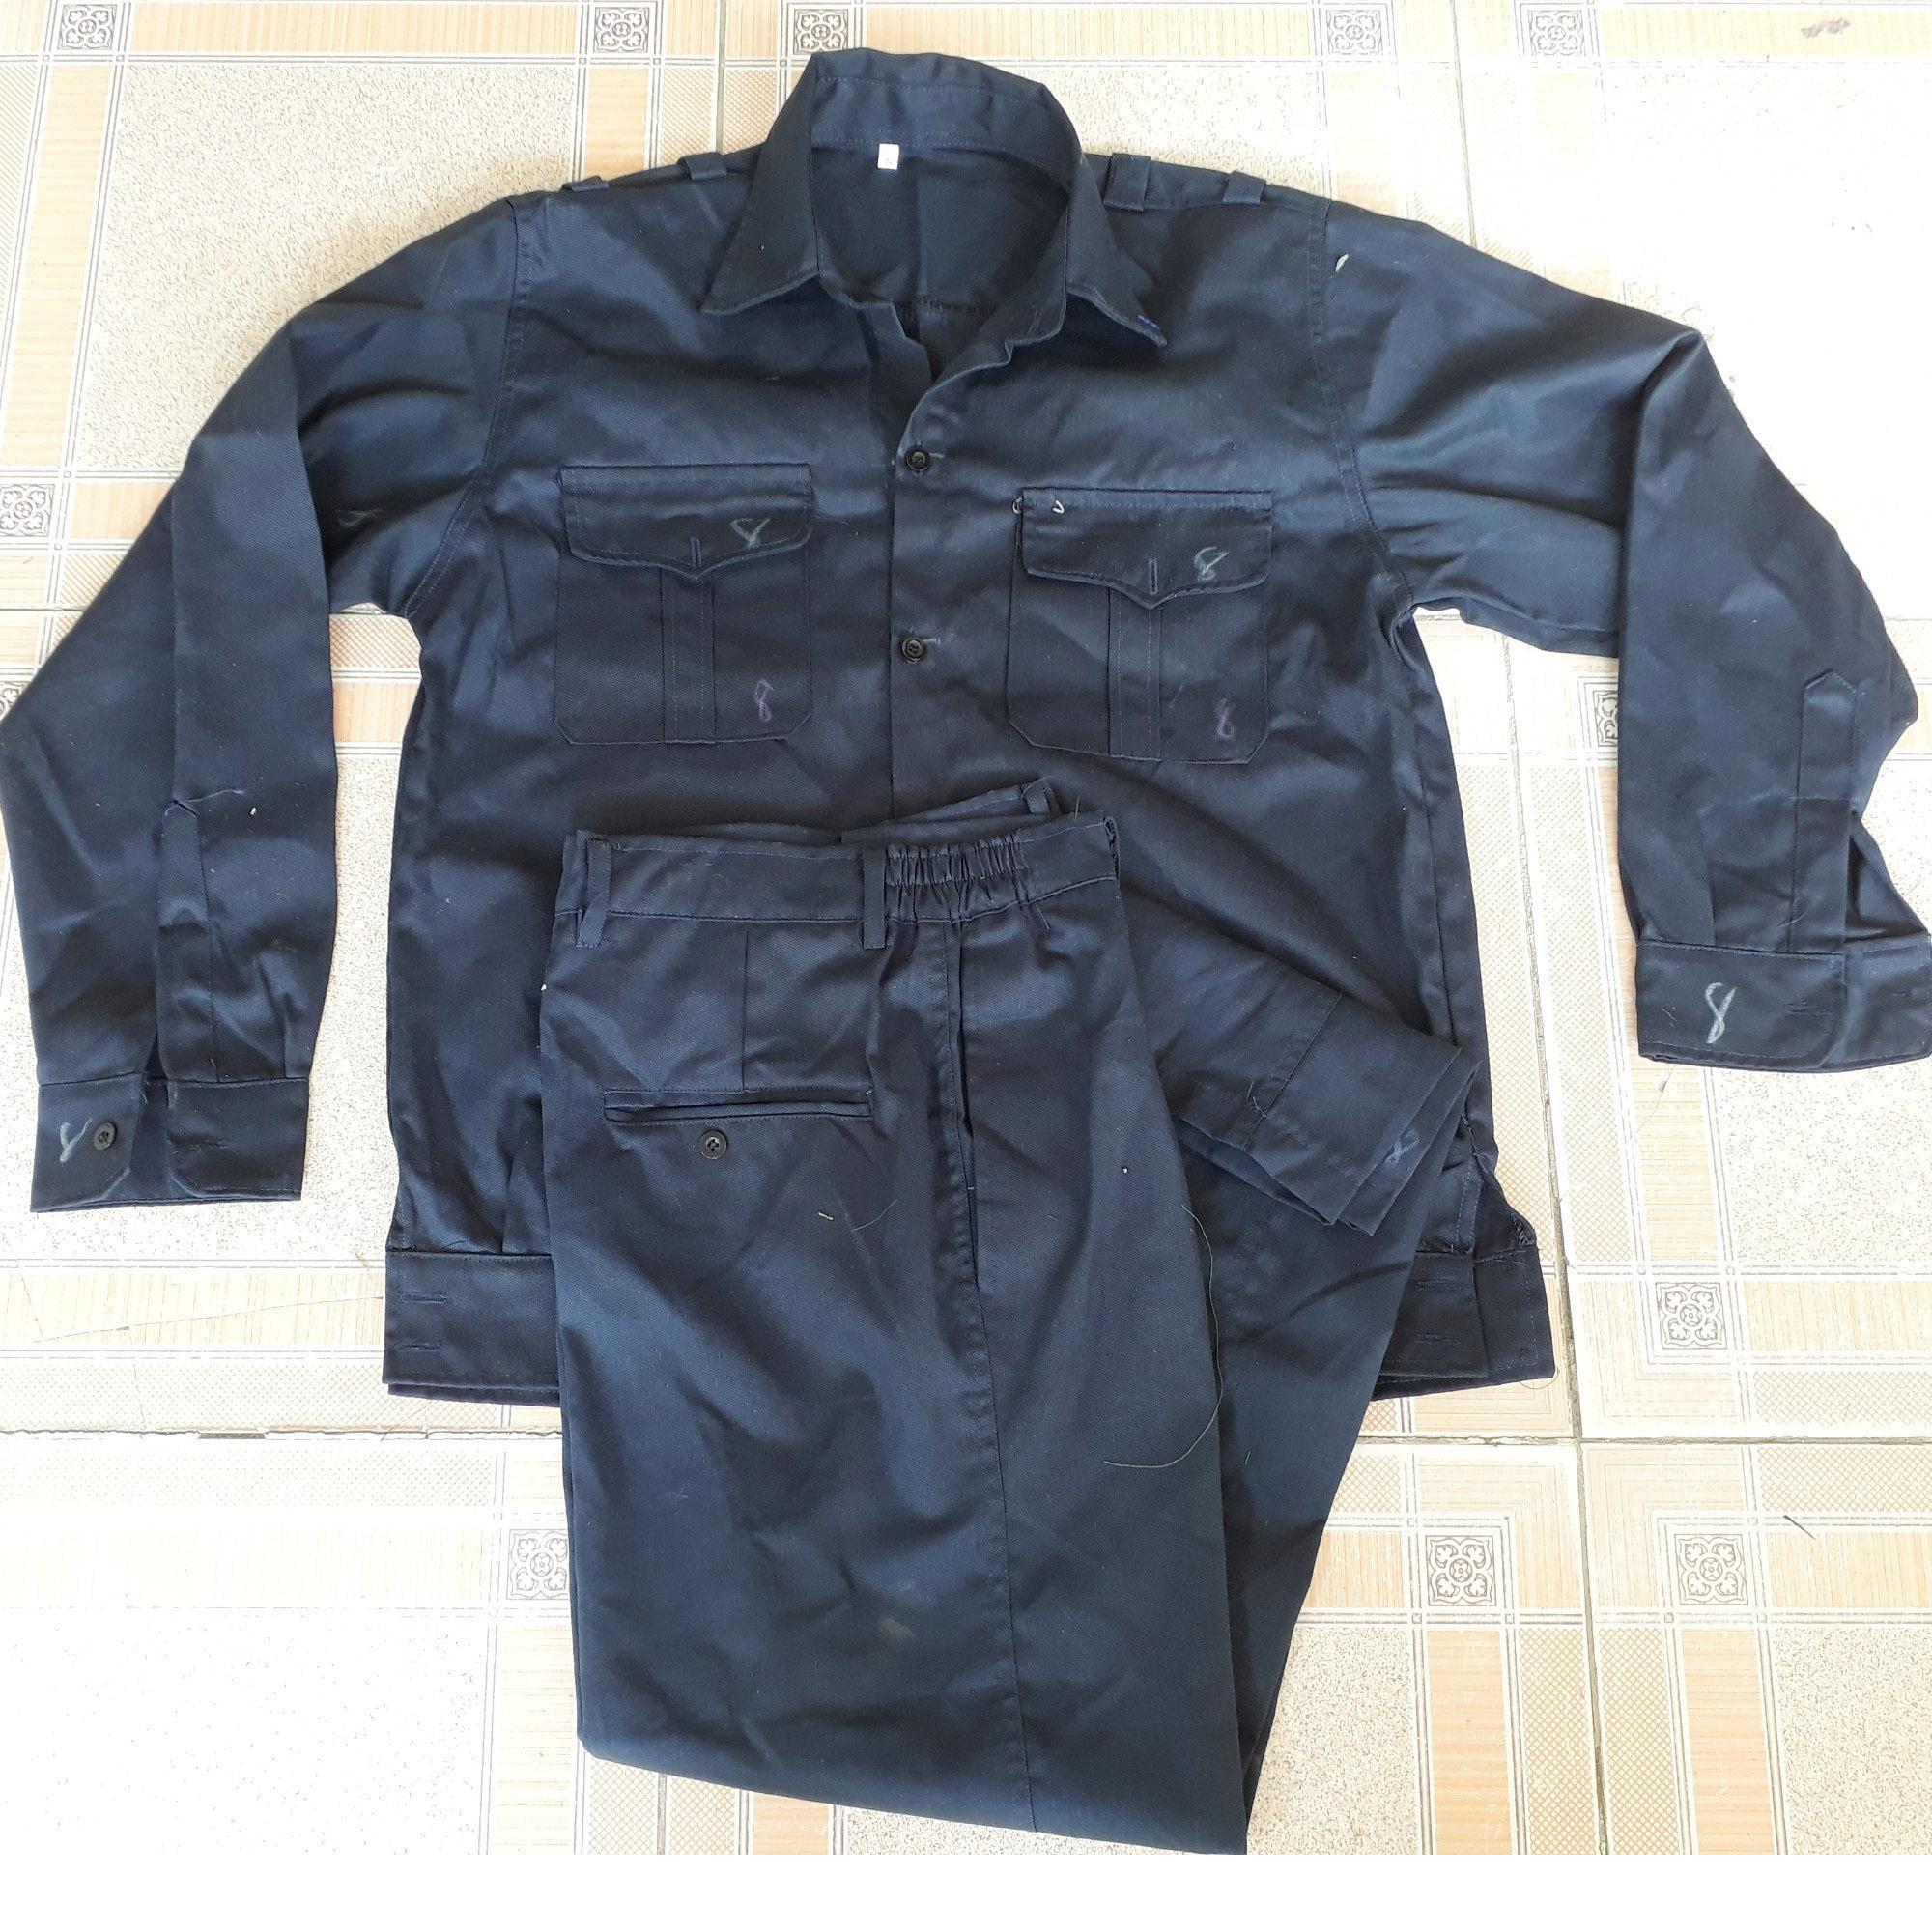 Bộ quần áo bảo hộ lao động màu chì